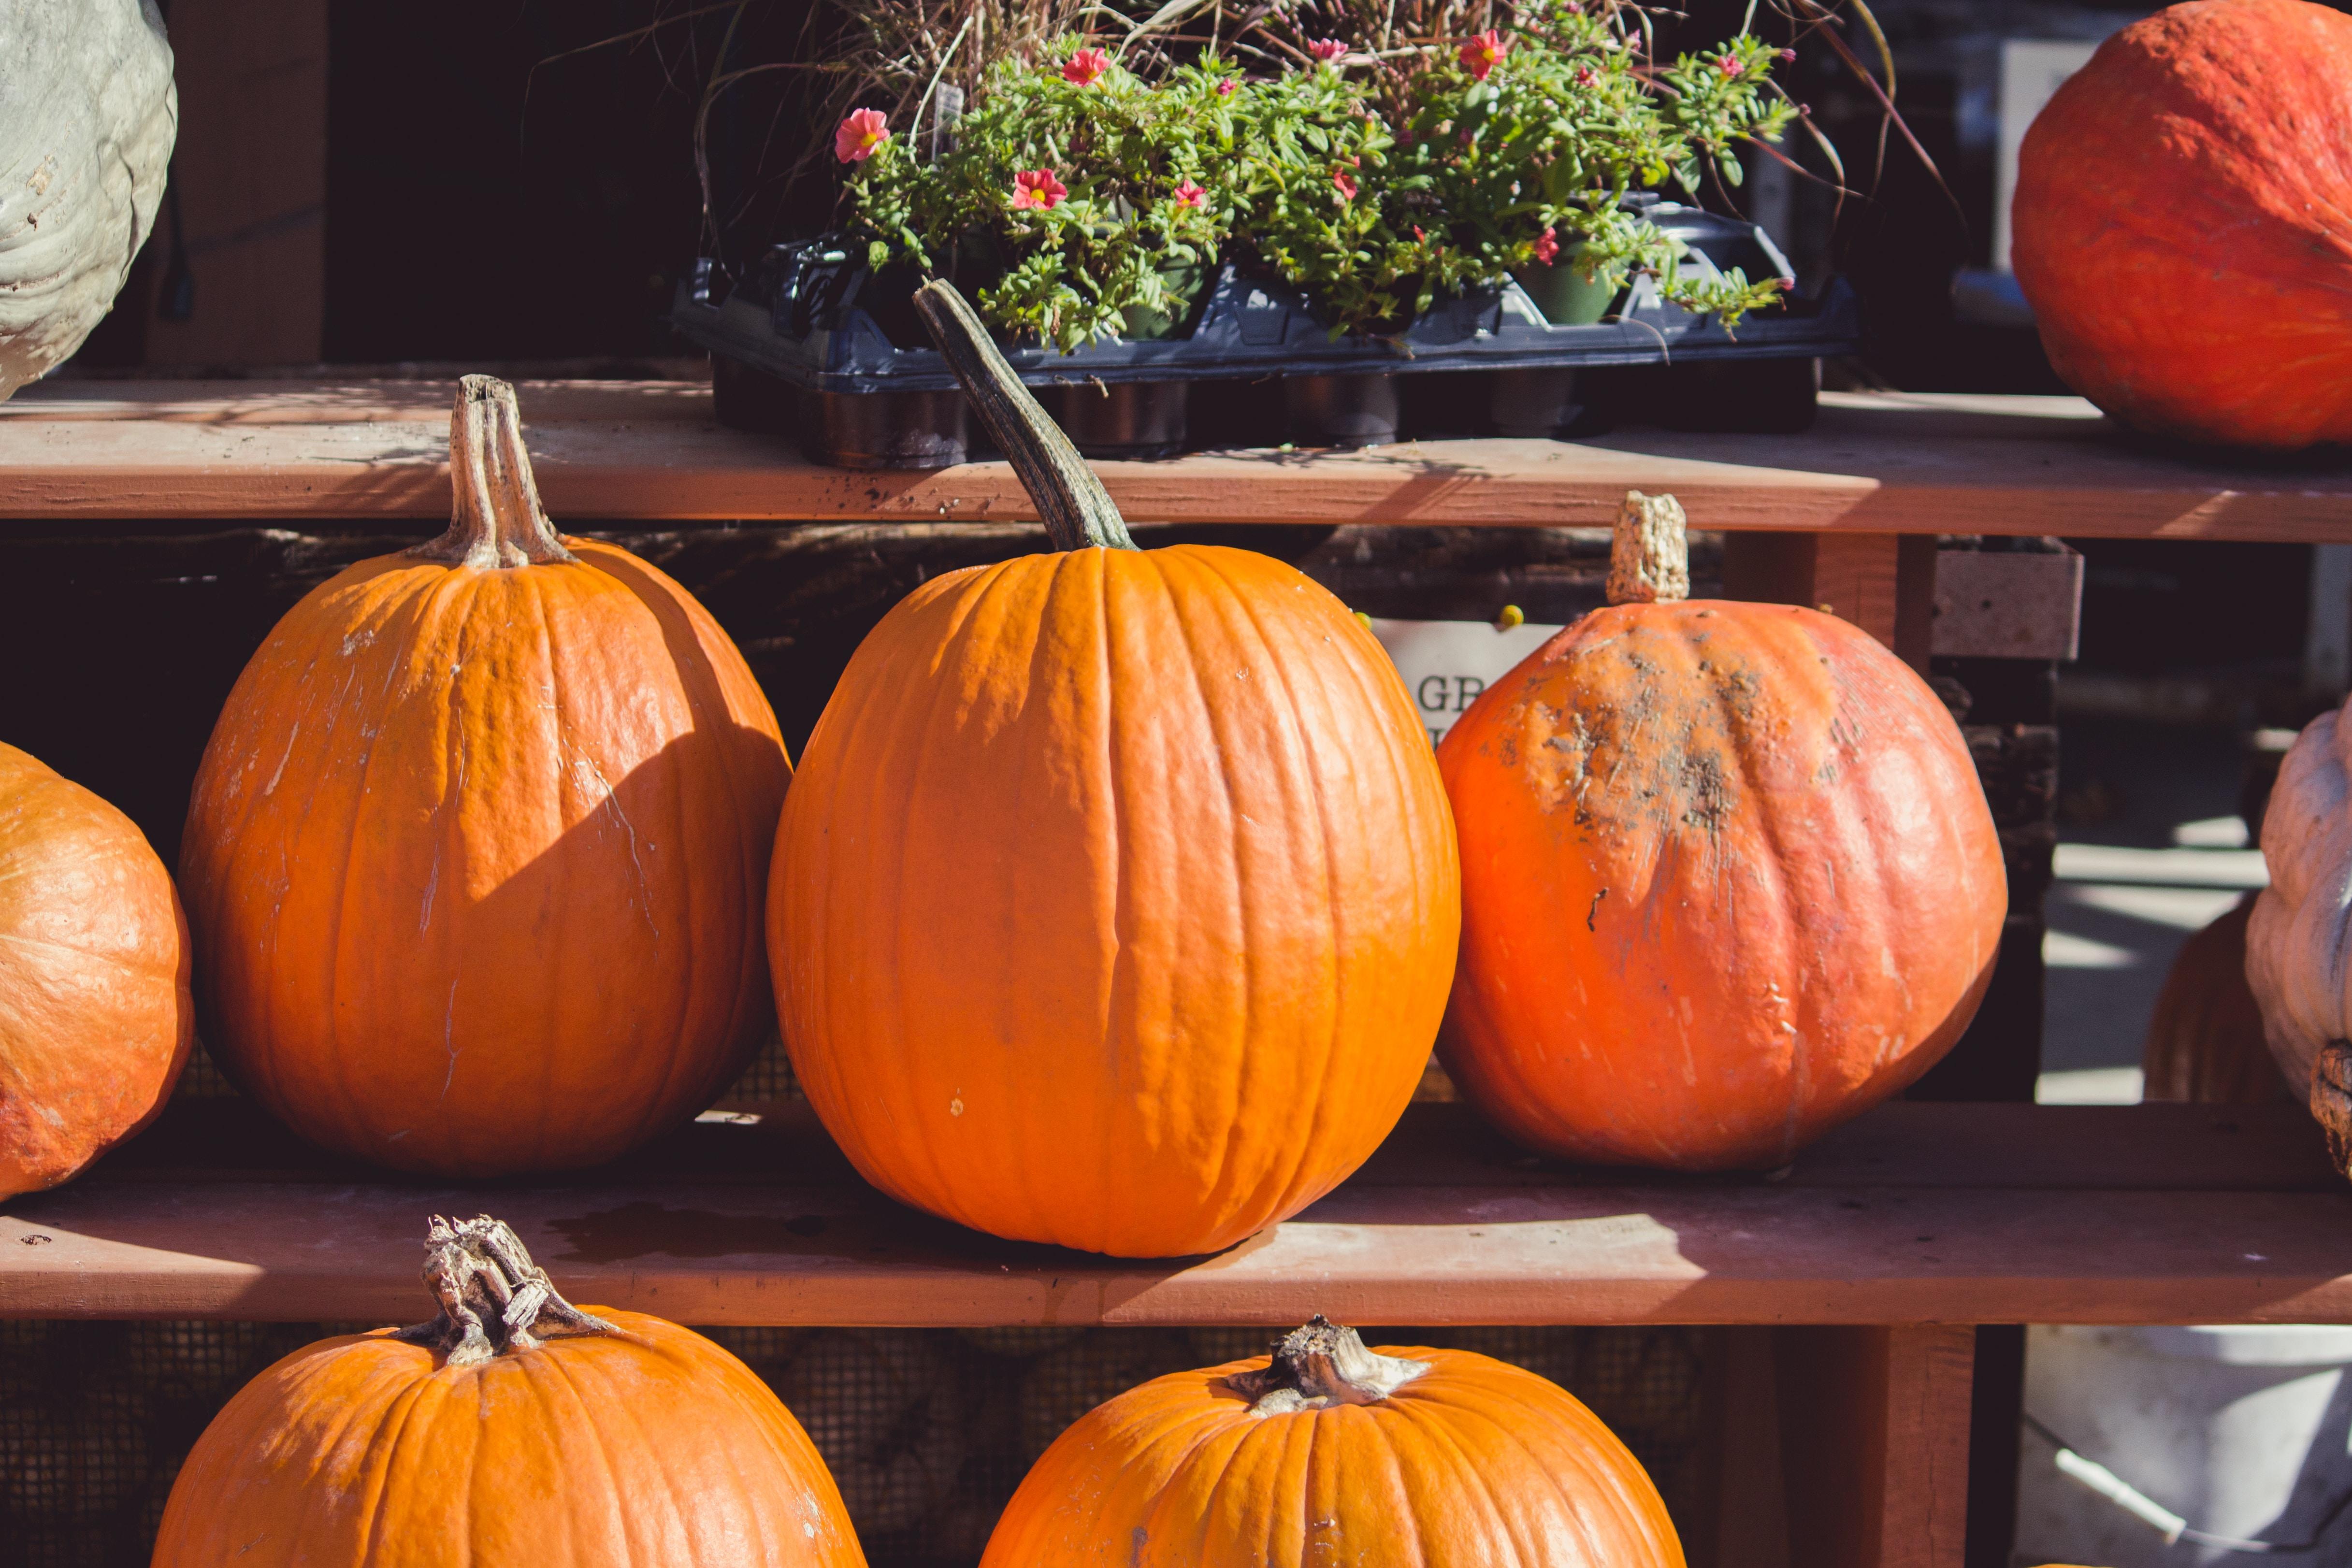 several pumpkins on brown shelf